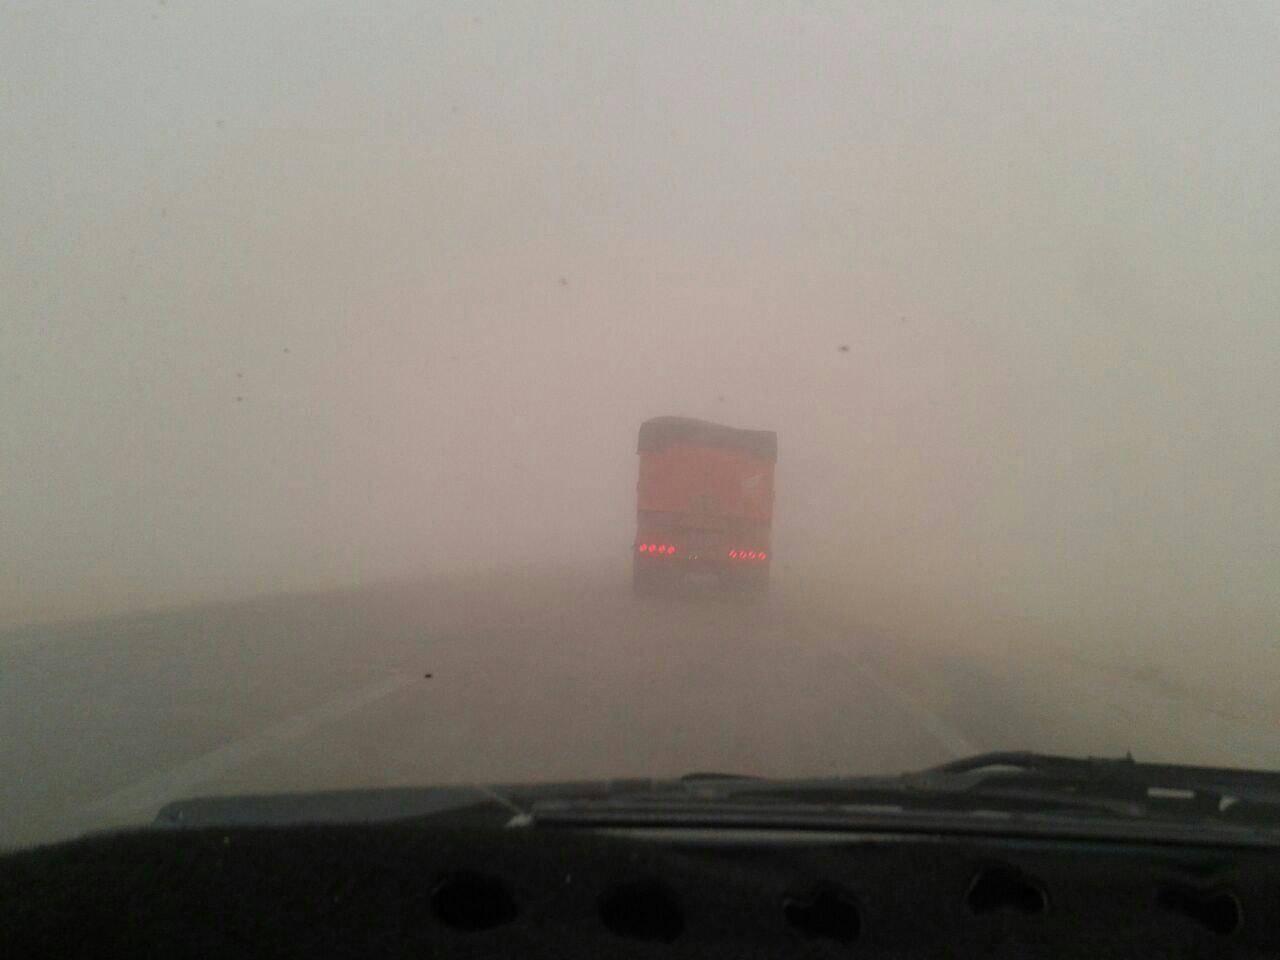 گرد و غبار جاده ها,اخبار اجتماعی,خبرهای اجتماعی,محیط زیست